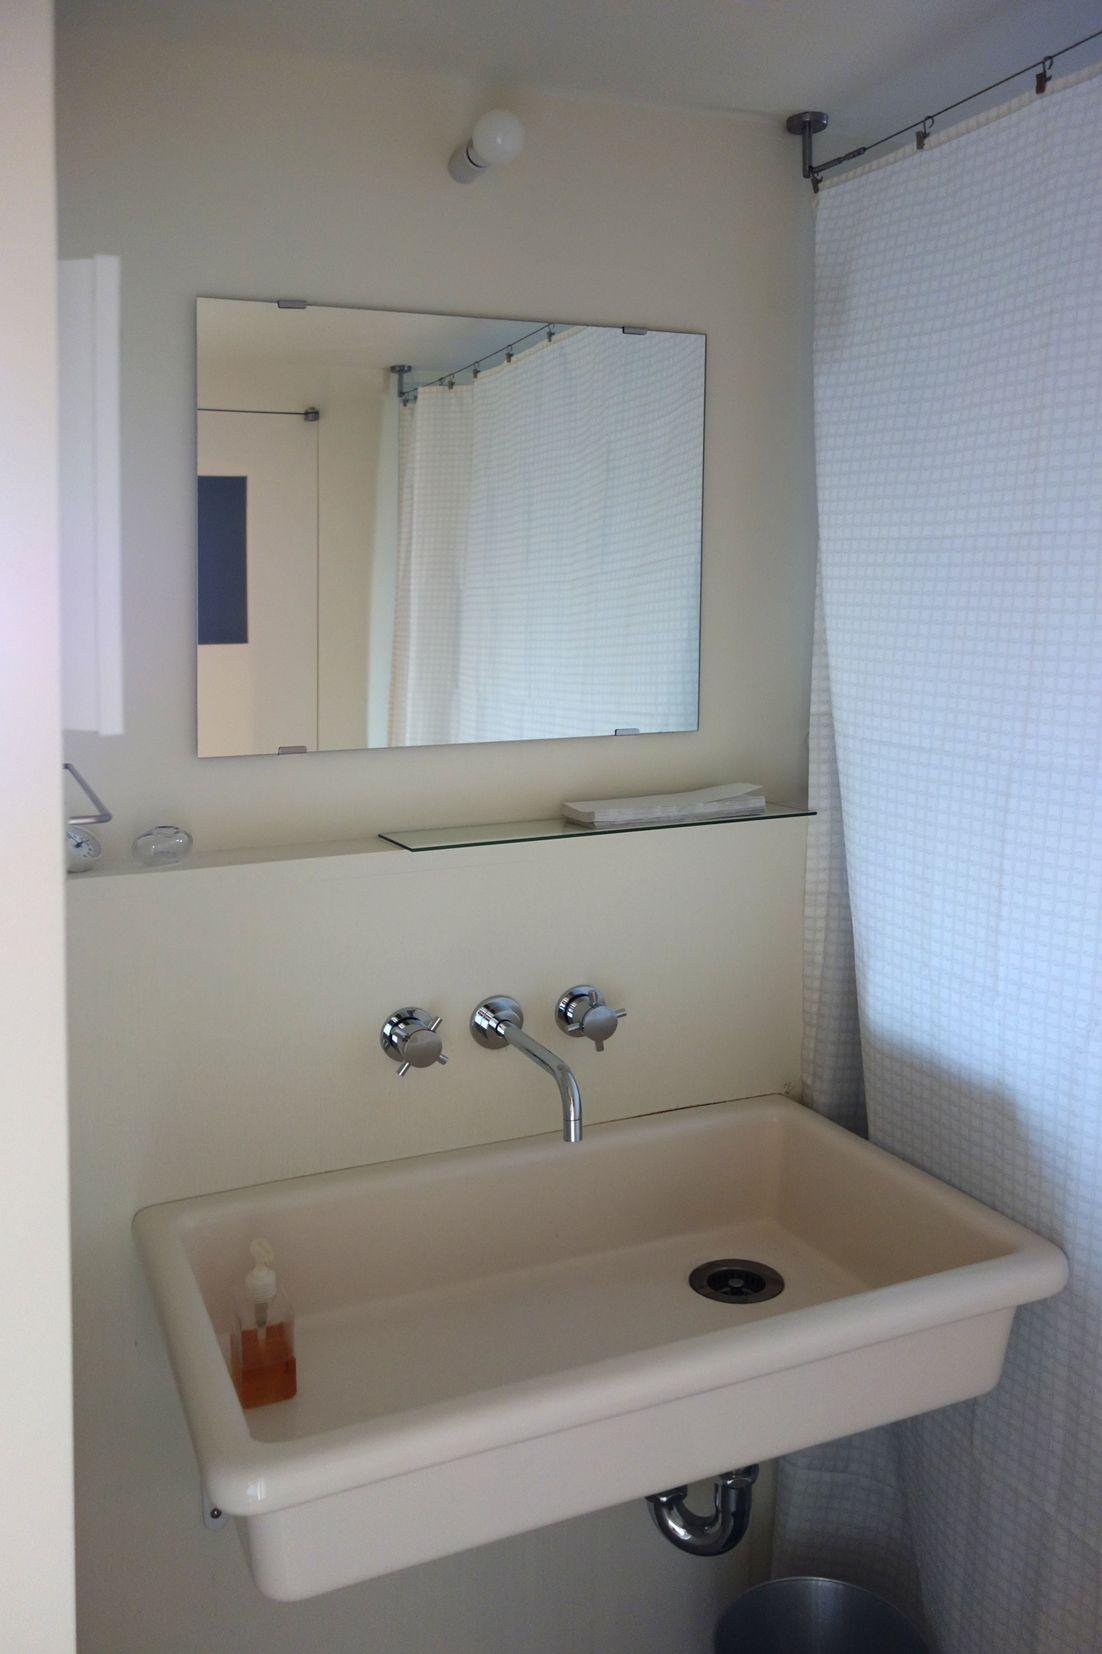 サニタリールームのご紹介 洗面所と脱衣所を仕切るメリットと注意点